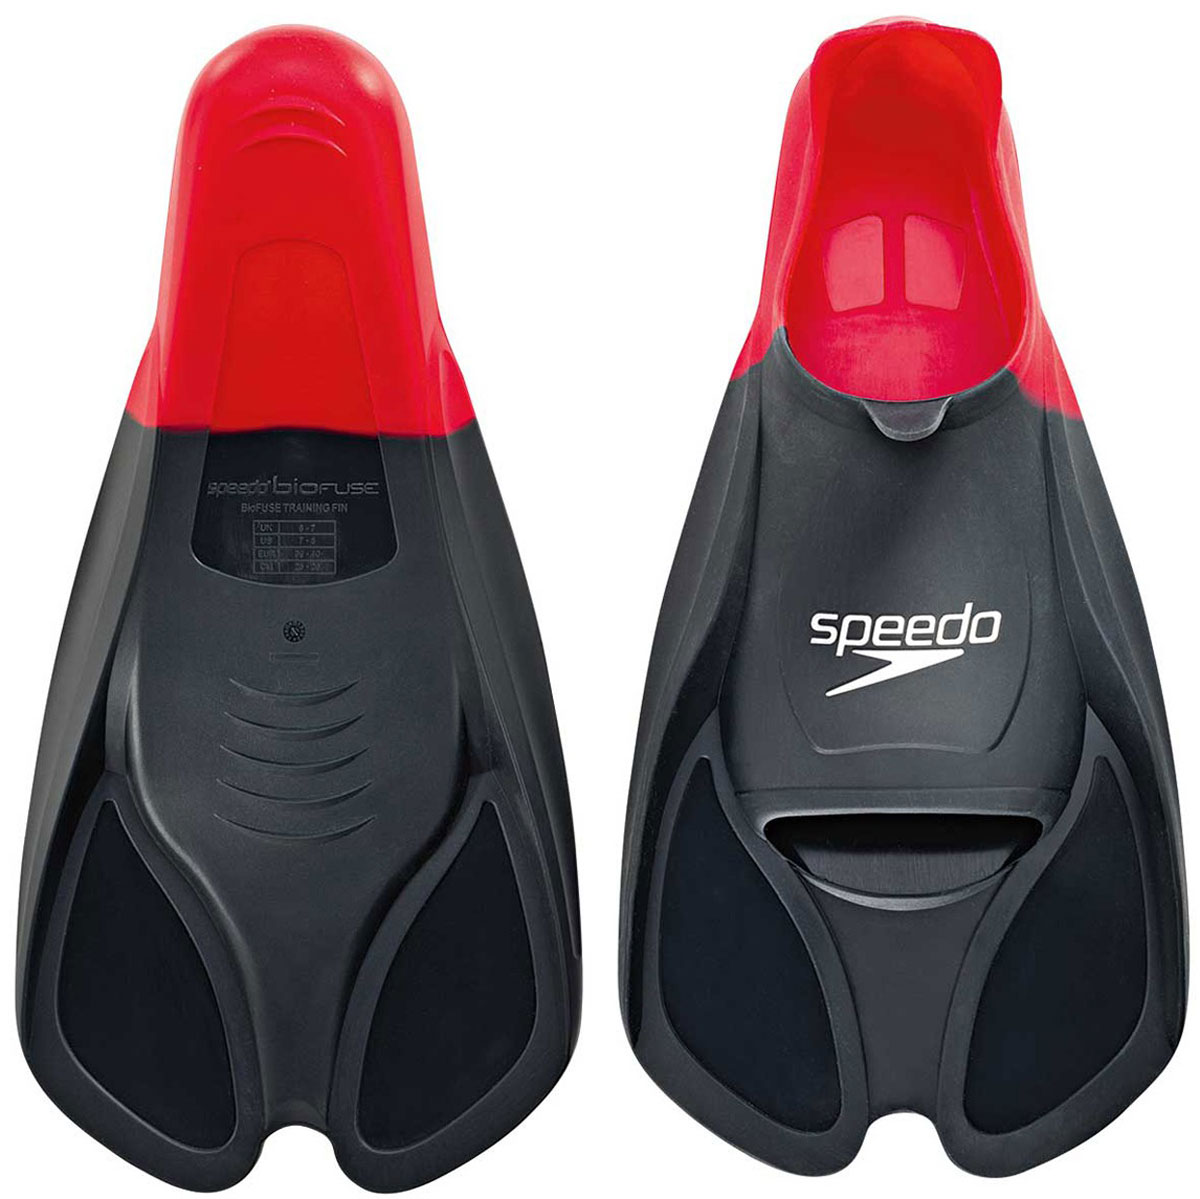 Ласты для плавания Speedo, цвет: красный. Размер 2-3. 8-088413991